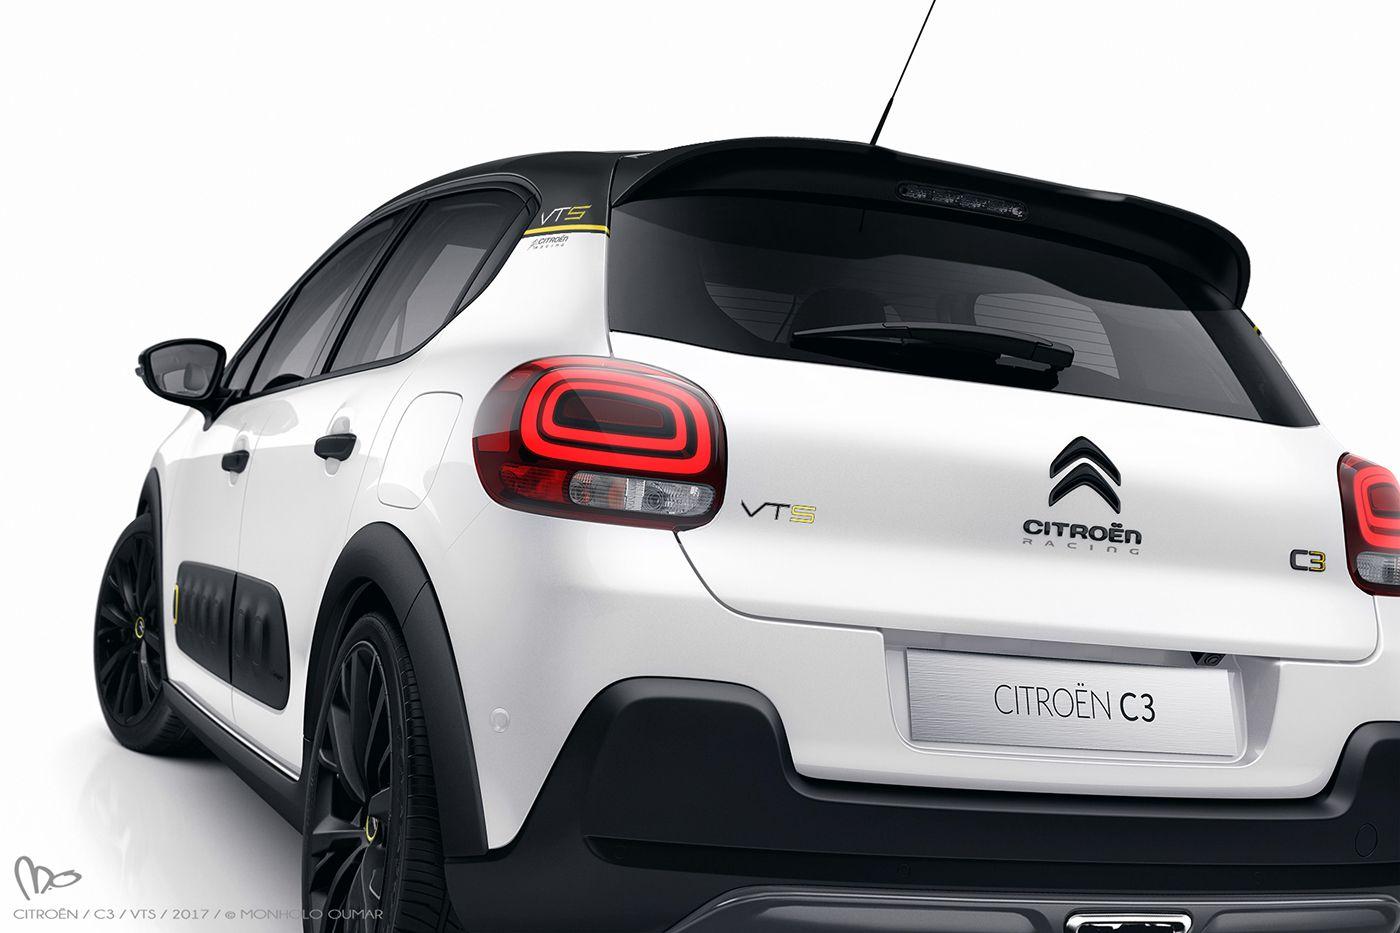 Citroen C3 Vts 2017 On Behance Citroen C3 Automobile Voiture Mercedes